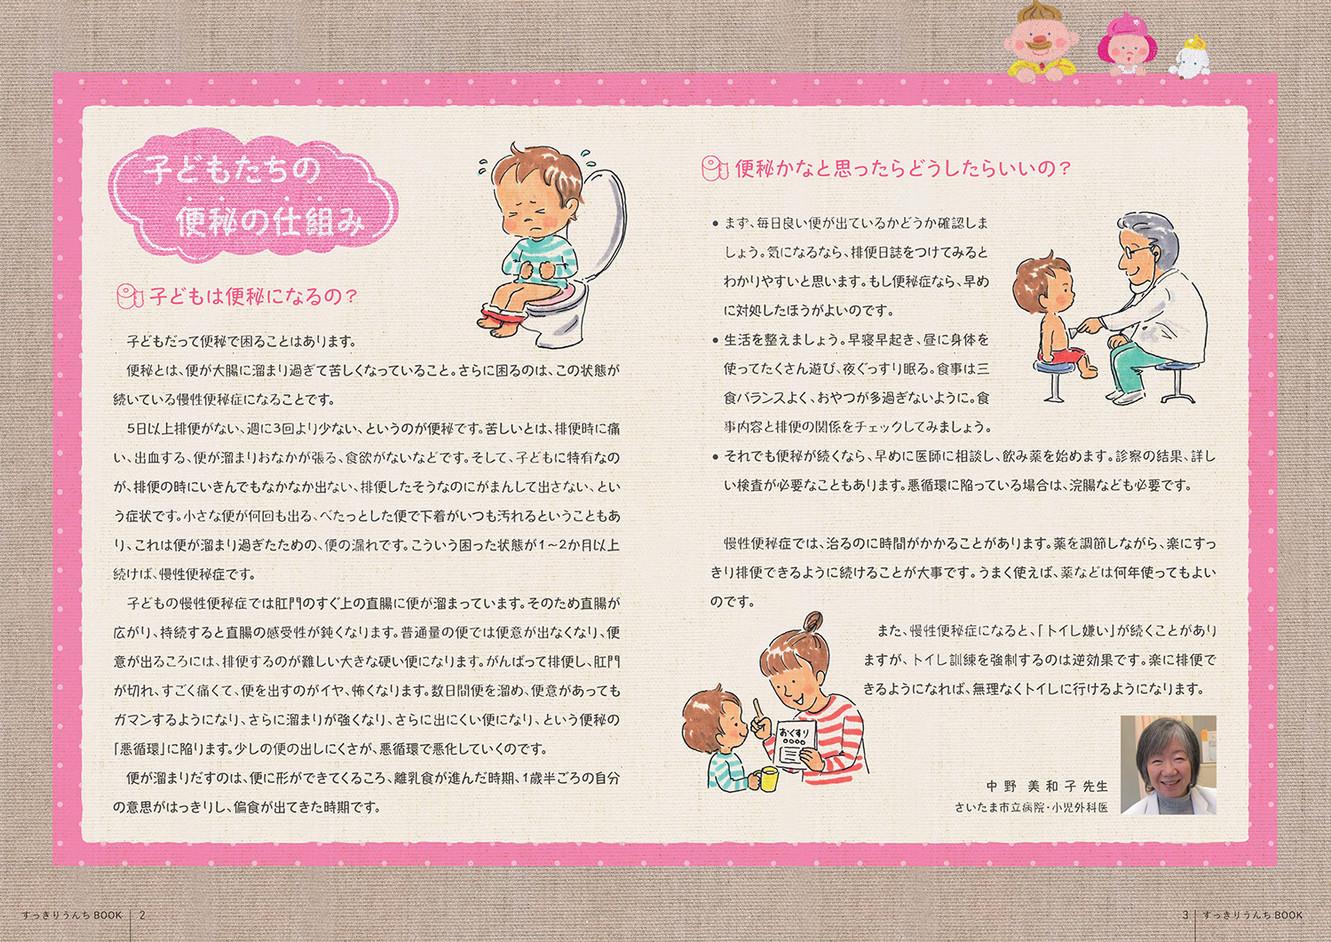 kanaweb_sukkiribook_002.jpg